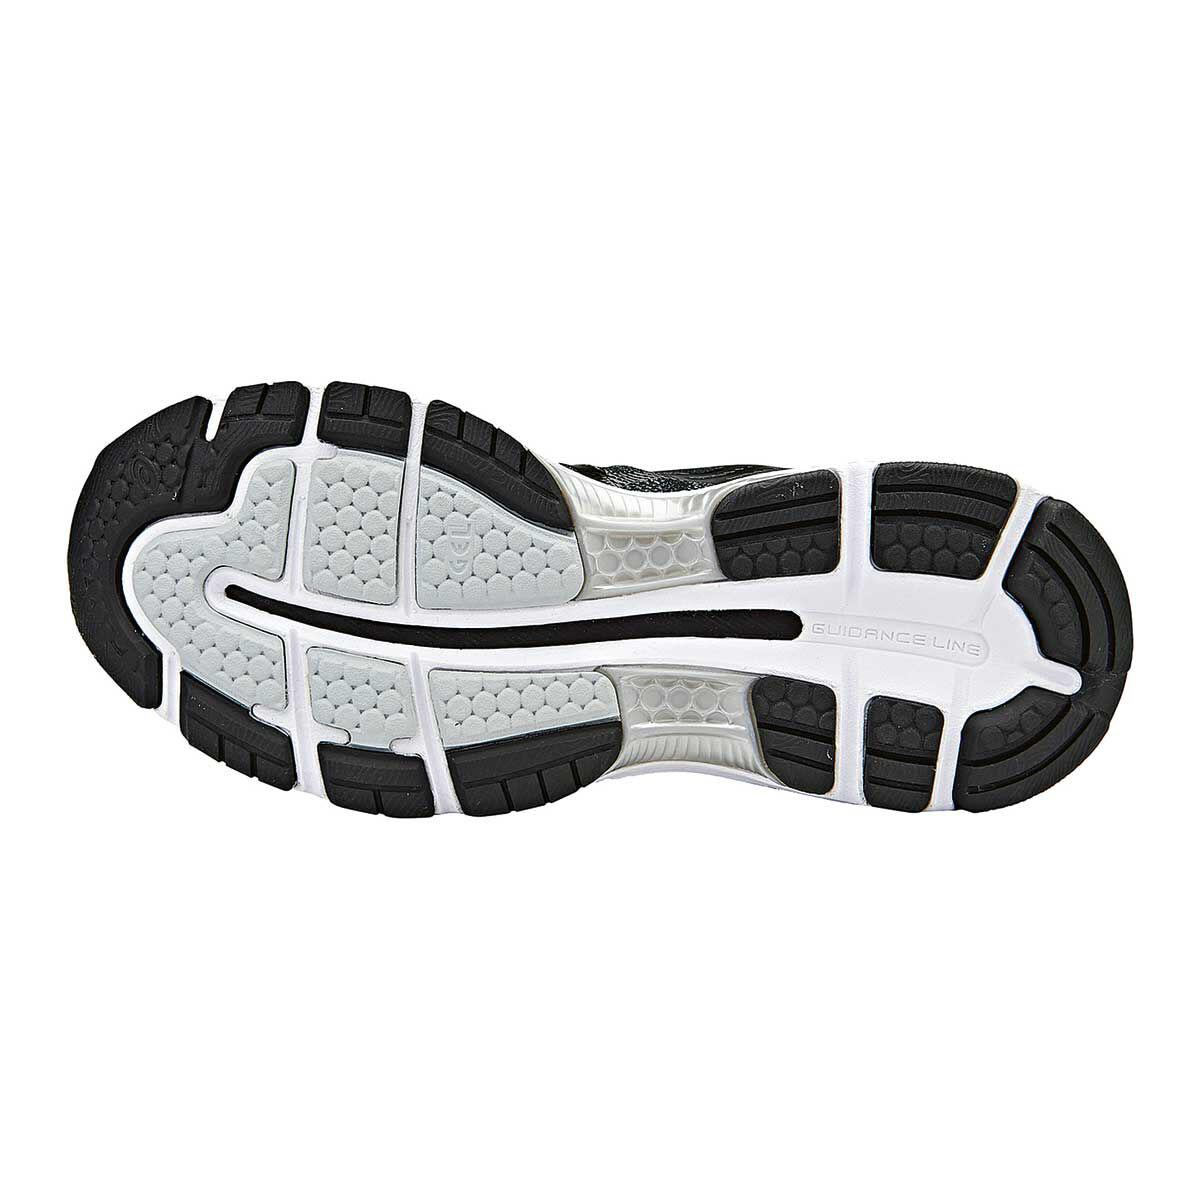 Asics Gel Nimbus 19 B Femmes US Chaussures De Femmes Asics Course Noir/ Blanc US 6 e948d12 - radicalfrugality.info